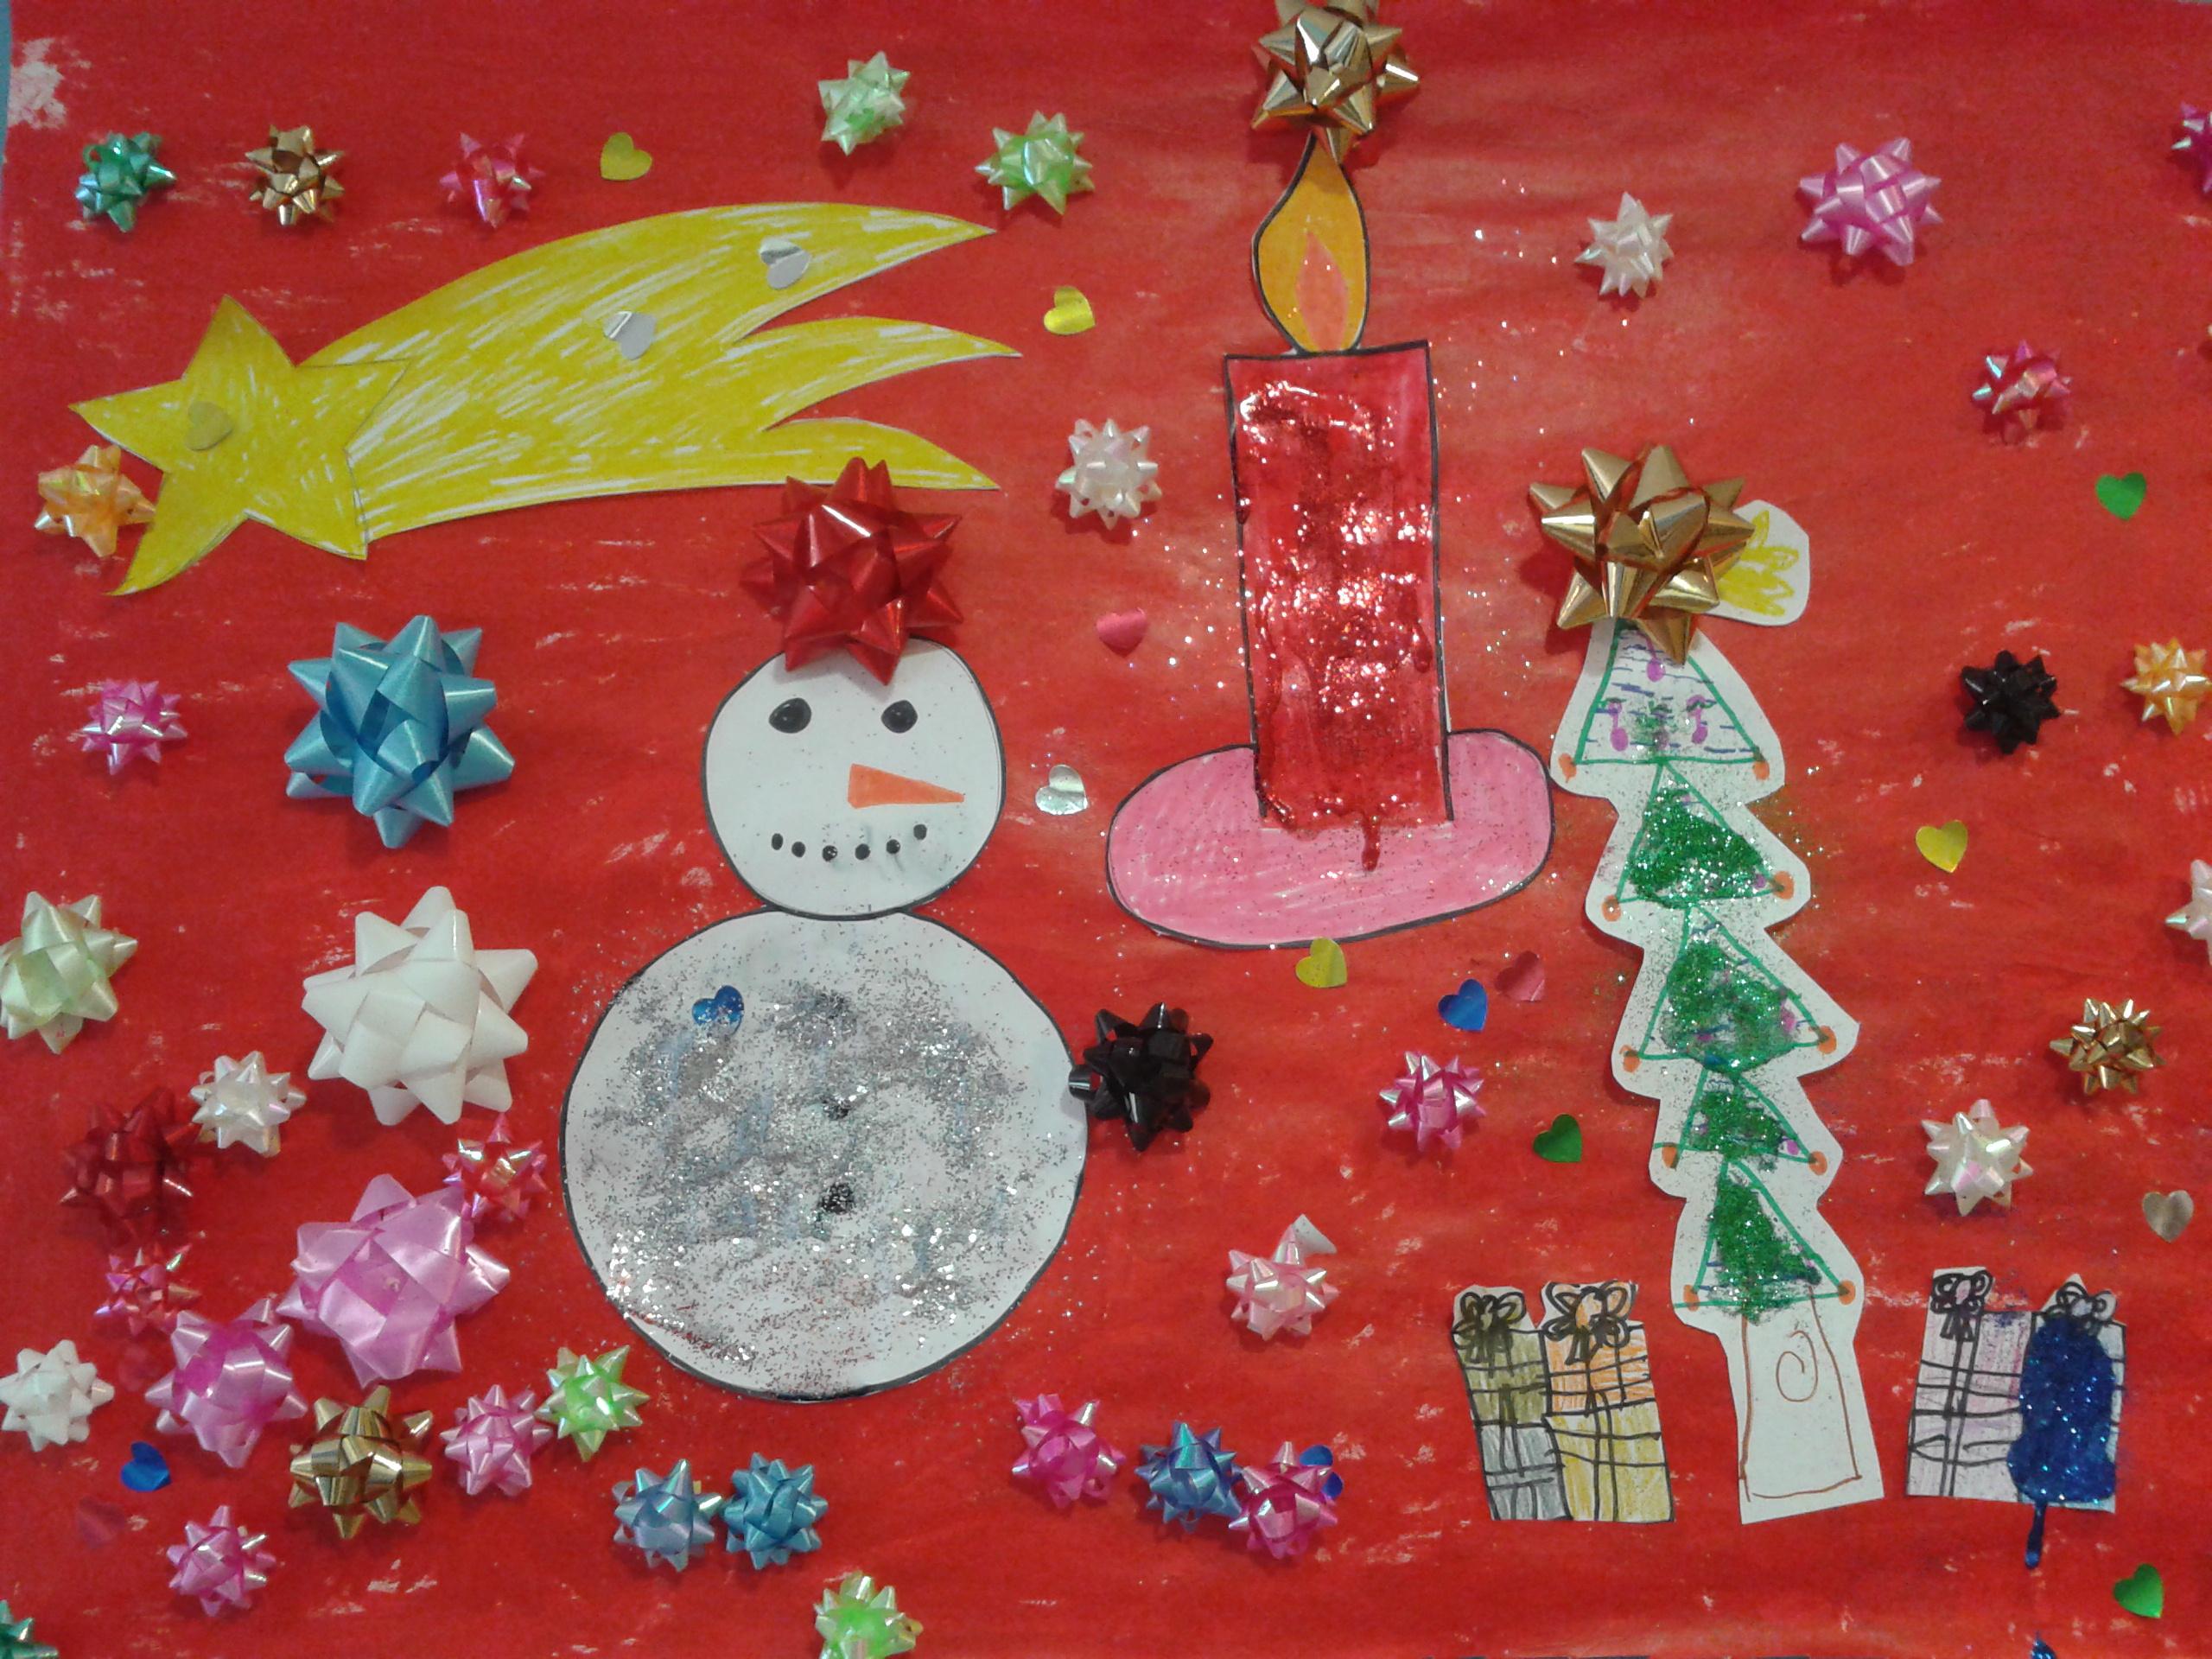 We love murales maternidad continuum - Murales decorativos de navidad ...